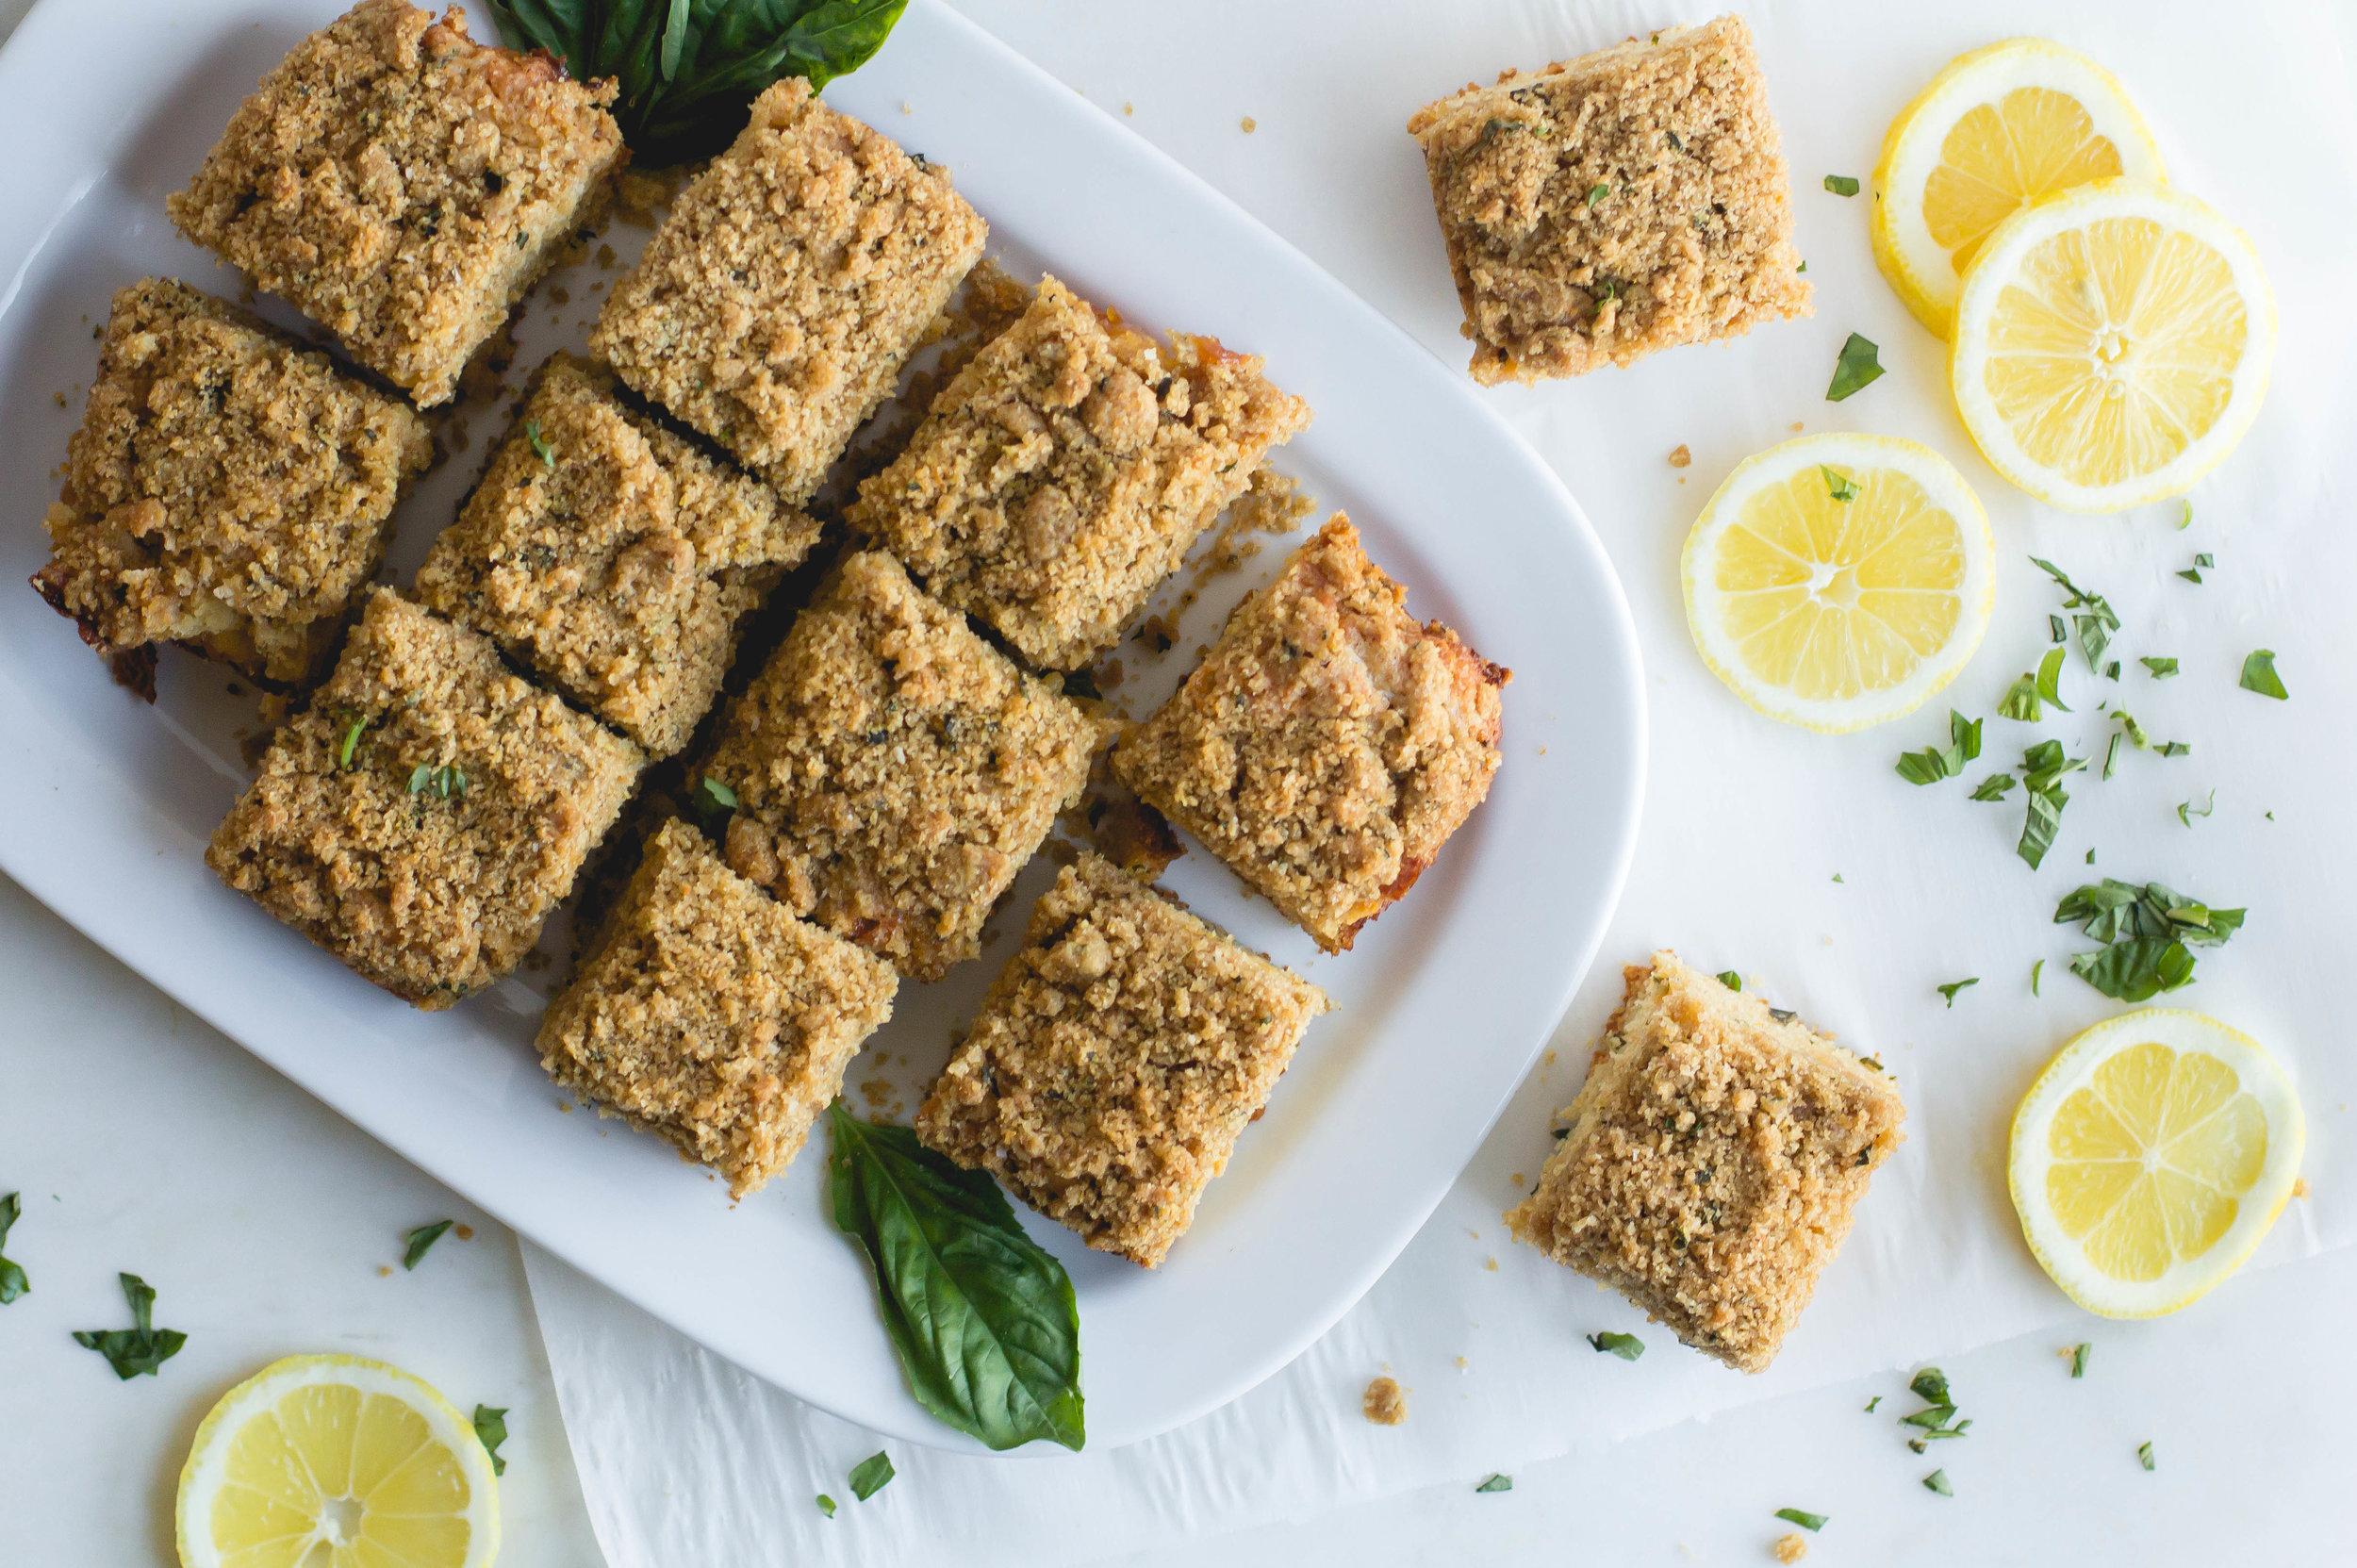 Lemon-Basil Whole Wheat Coffee Cake - Sarah J Hauser-10.jpg